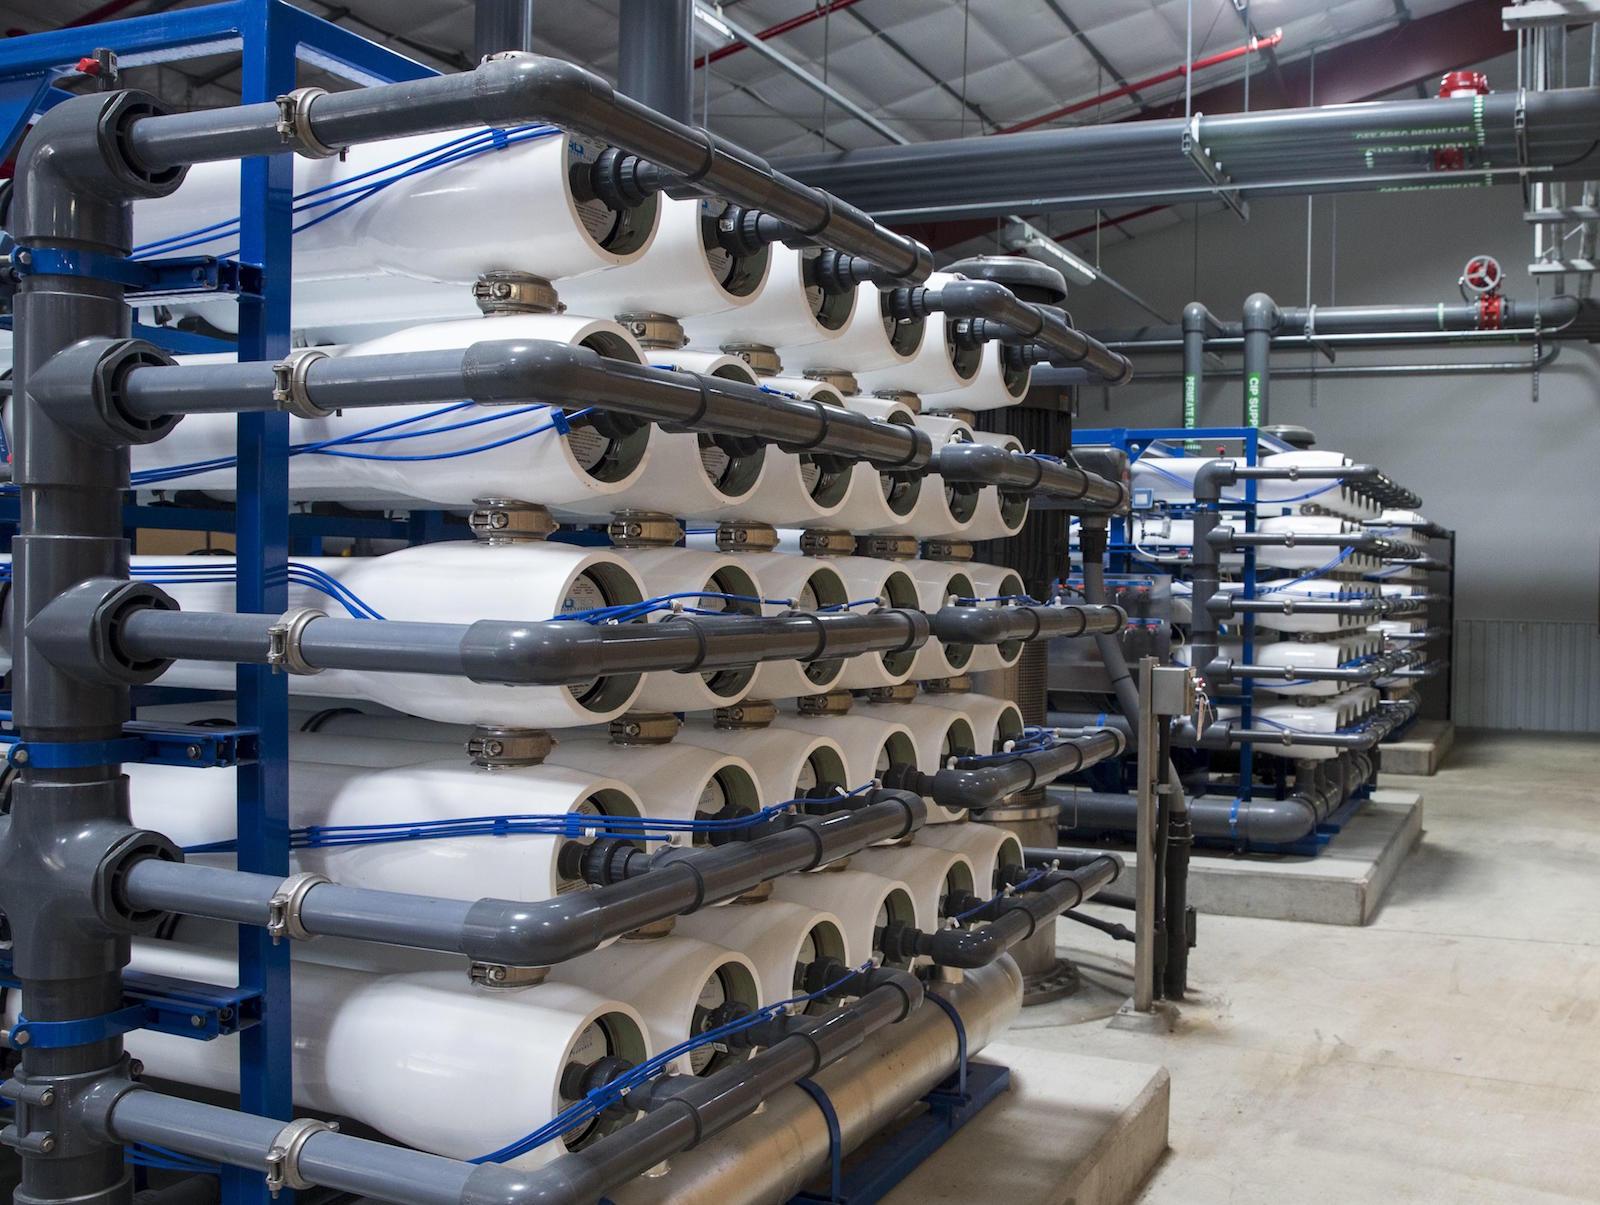 A Blueprint for 100% Solar Desalination - SolarPACES